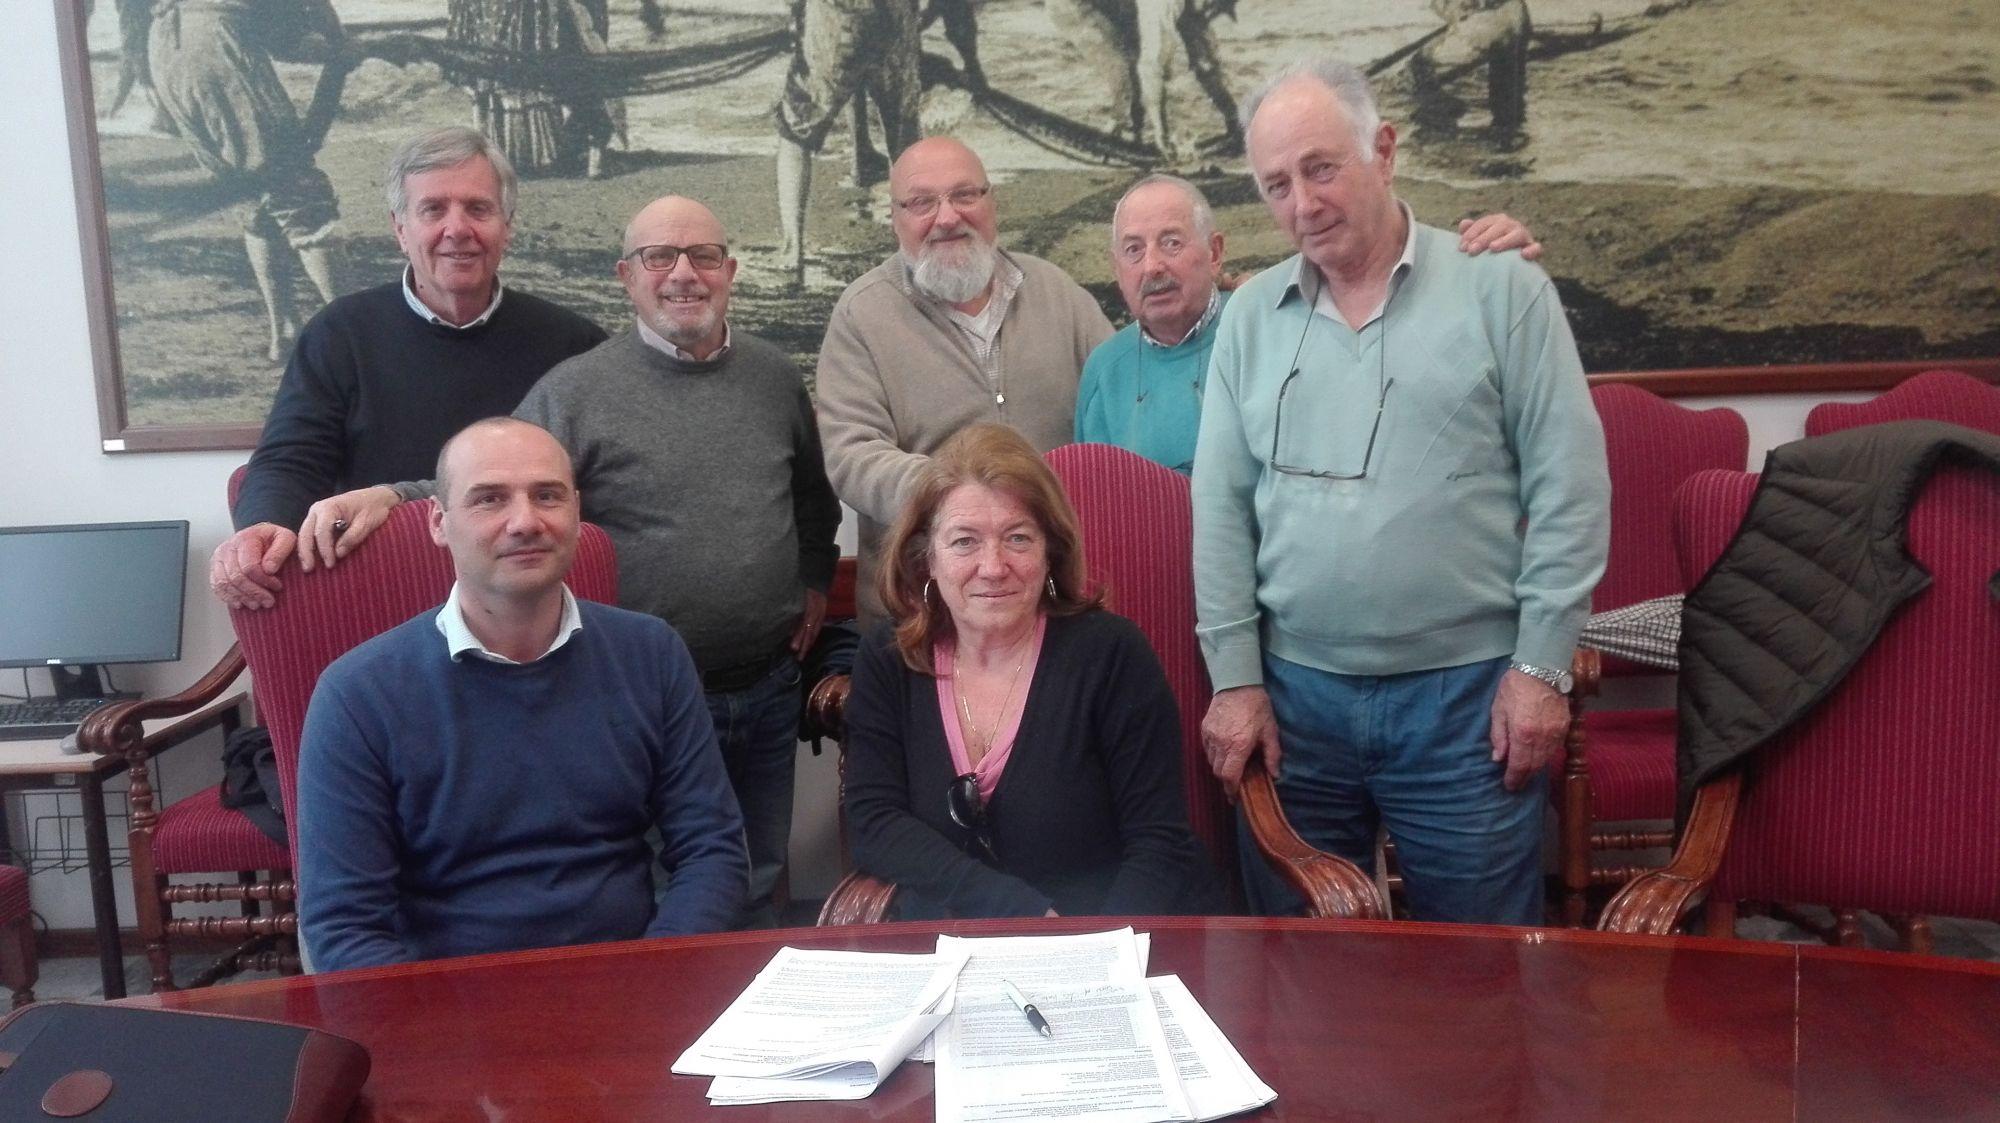 Firmato il protocollo d'intesa tra il Comune di Forte dei Marmi e le organizzazioni sindacali